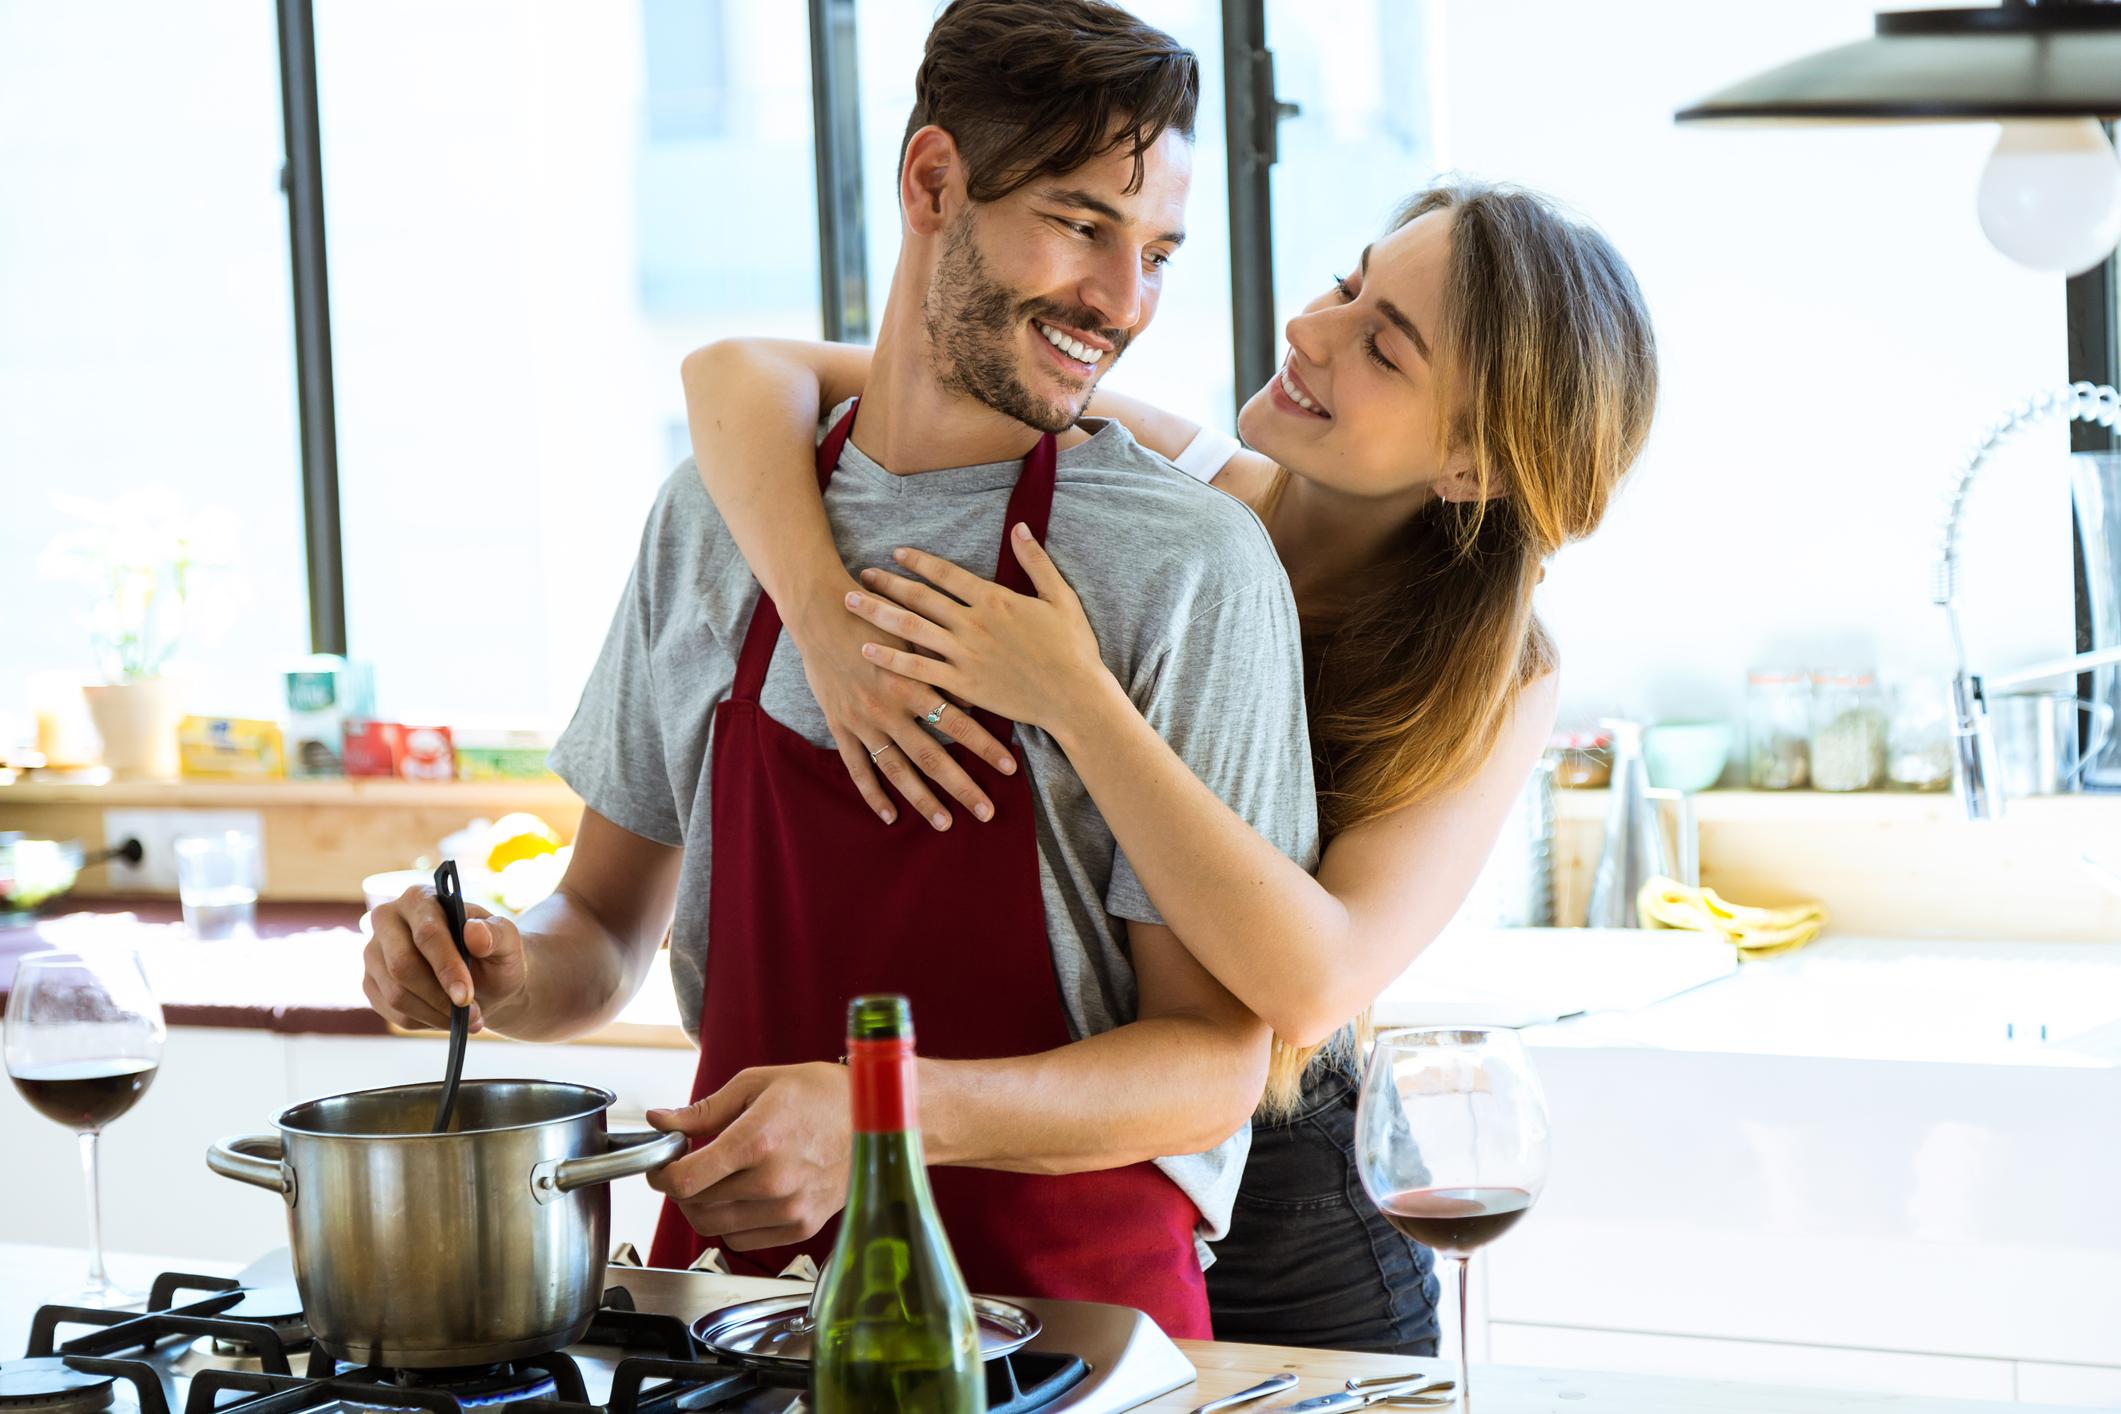 Научете се да готвите поне едно ястие<br /> <br /> Не е нужно да приготвите пълно меню, но ще бъдете с няколко точки напред, ако се научите да приготвите вкусна вечеря. Има достатъчно рецепти в интернет, които се приготвят не само бързо, но са и лесни.